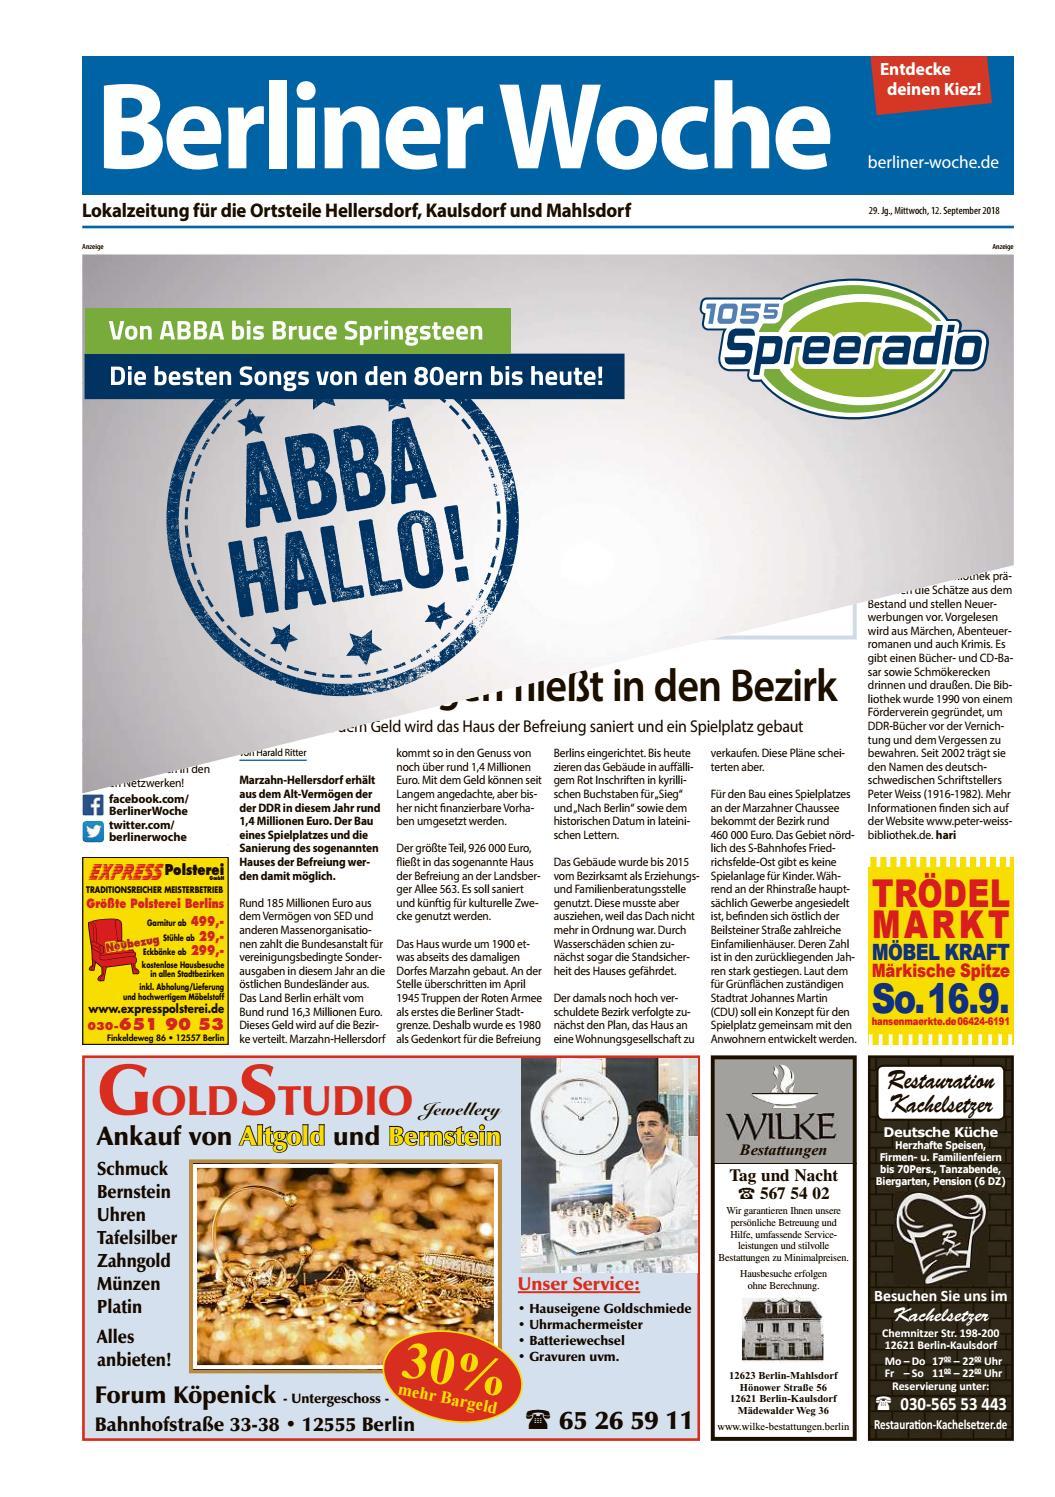 Kuche Aktiv Gmbh Berlin Kuchen Fur Jeden Anspruch 16 Nice Kuche